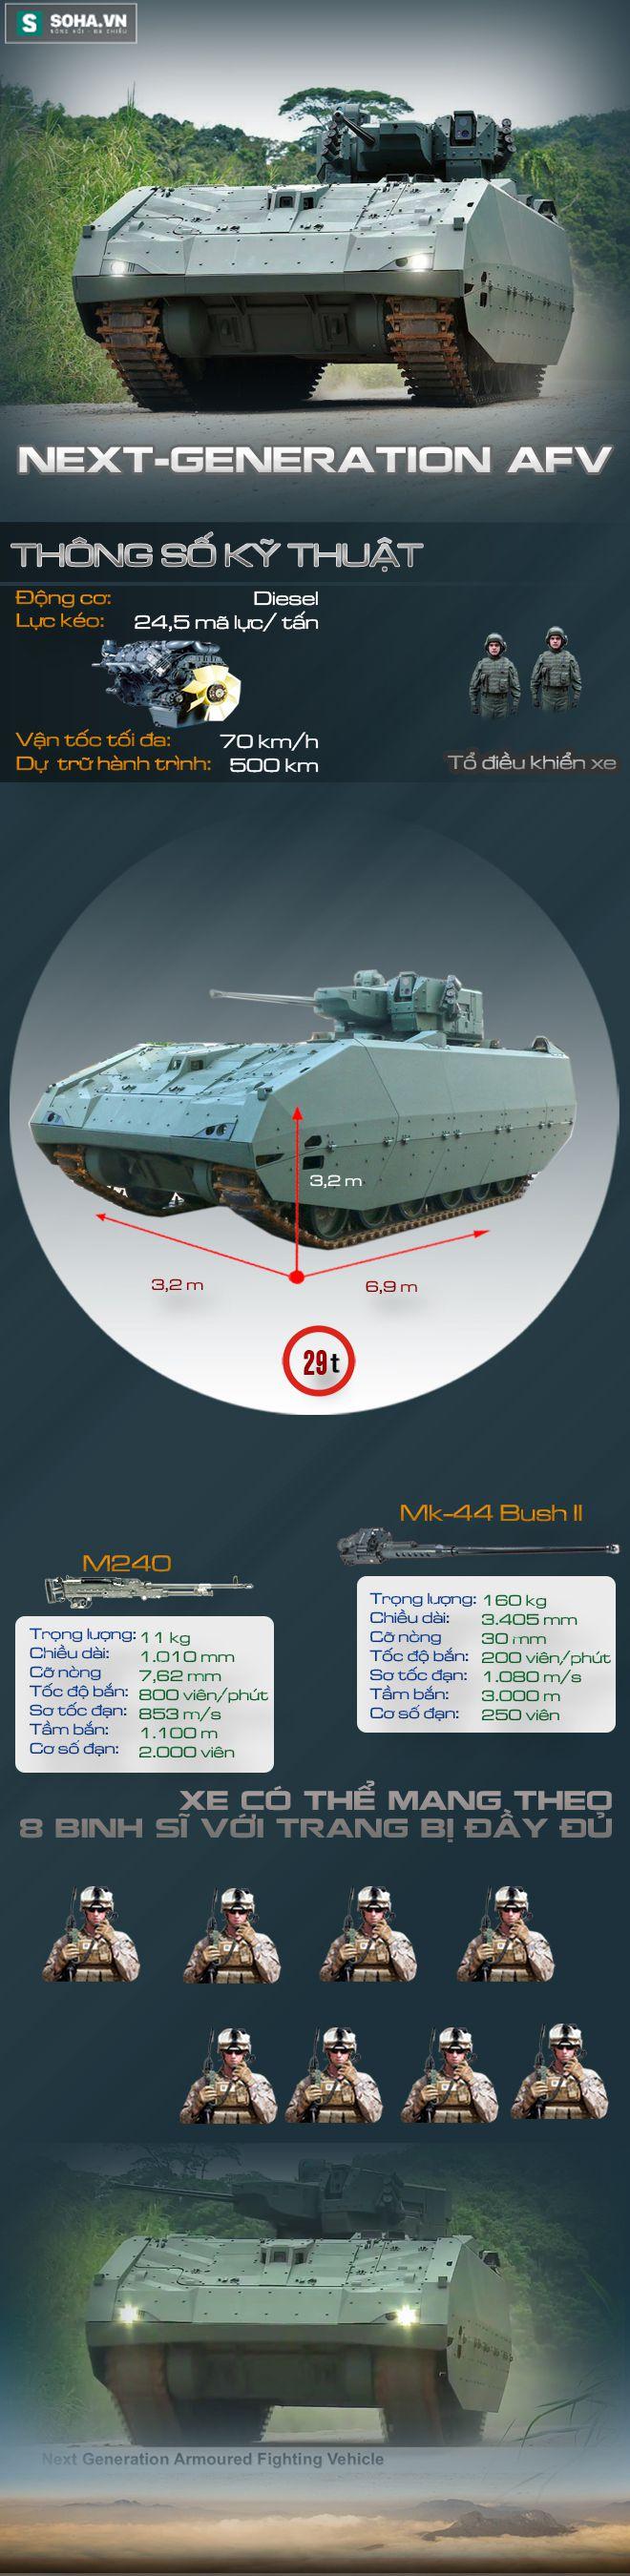 Xe chiến đấu bộ binh AFV Singapore tự chế tạo mạnh đến mức nào? - Ảnh 1.